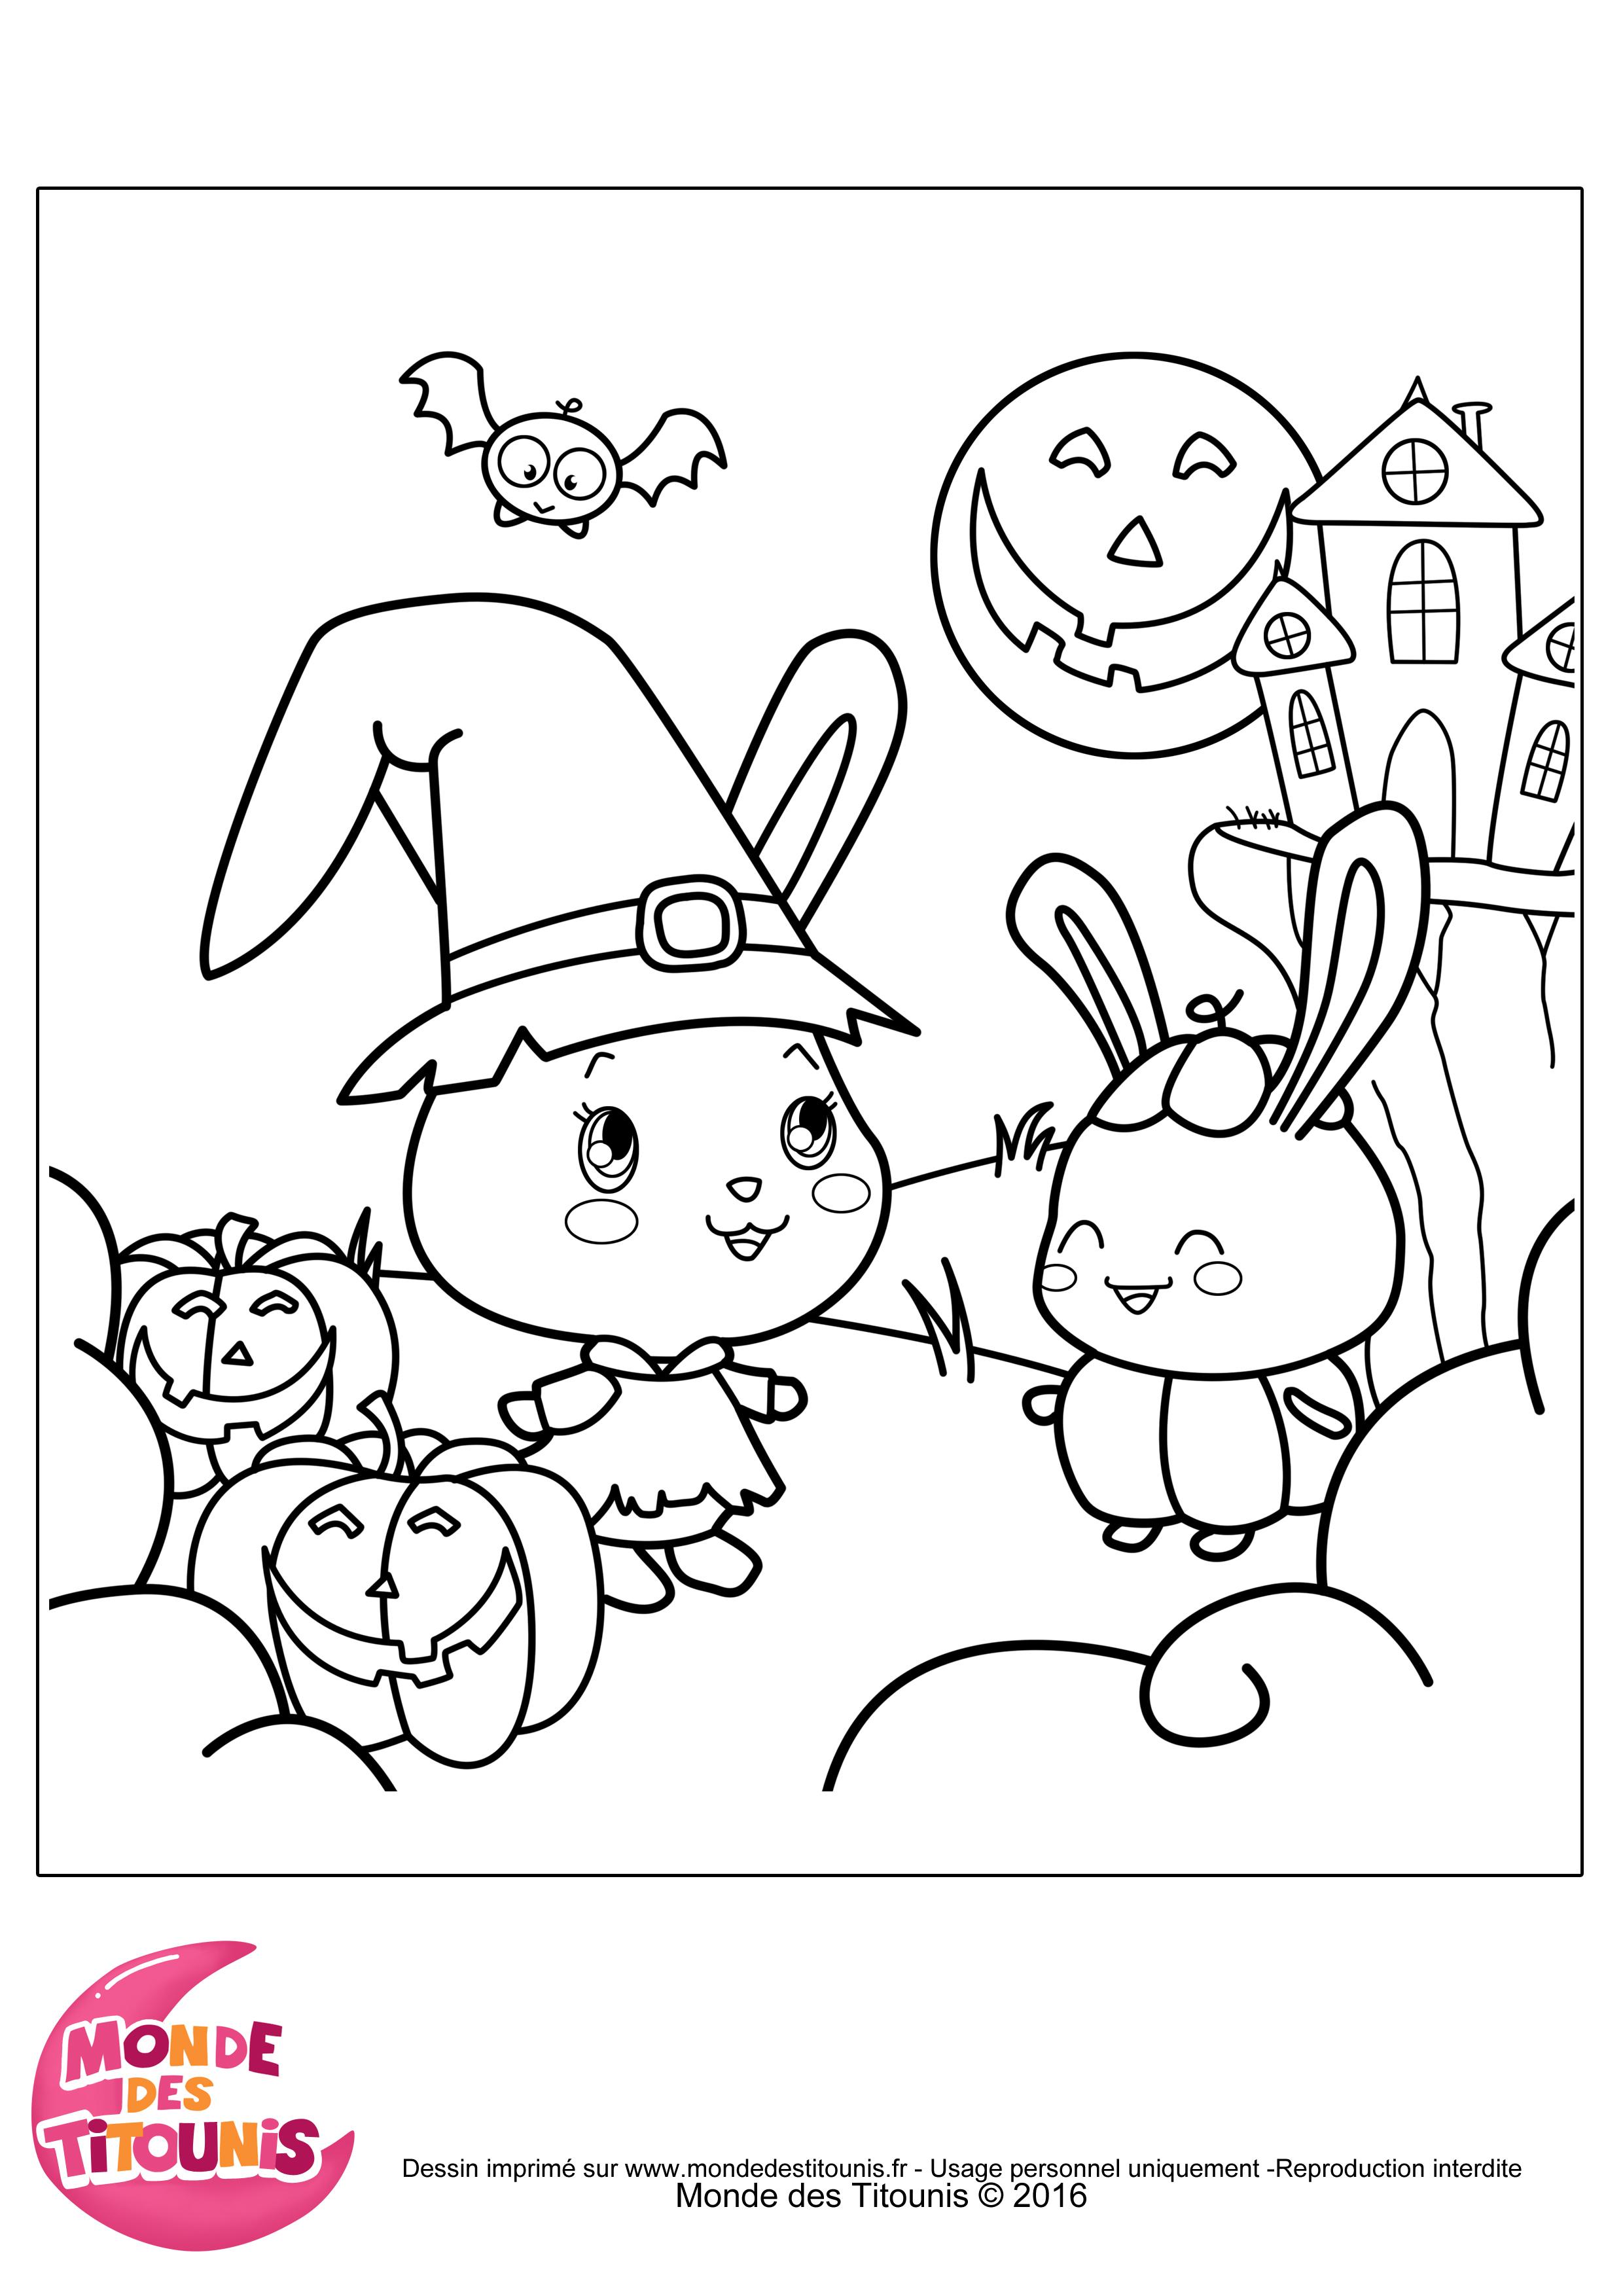 Monde Des Petits - Coloriages À Imprimer tout Dessin A Imprimer Pour Colorier